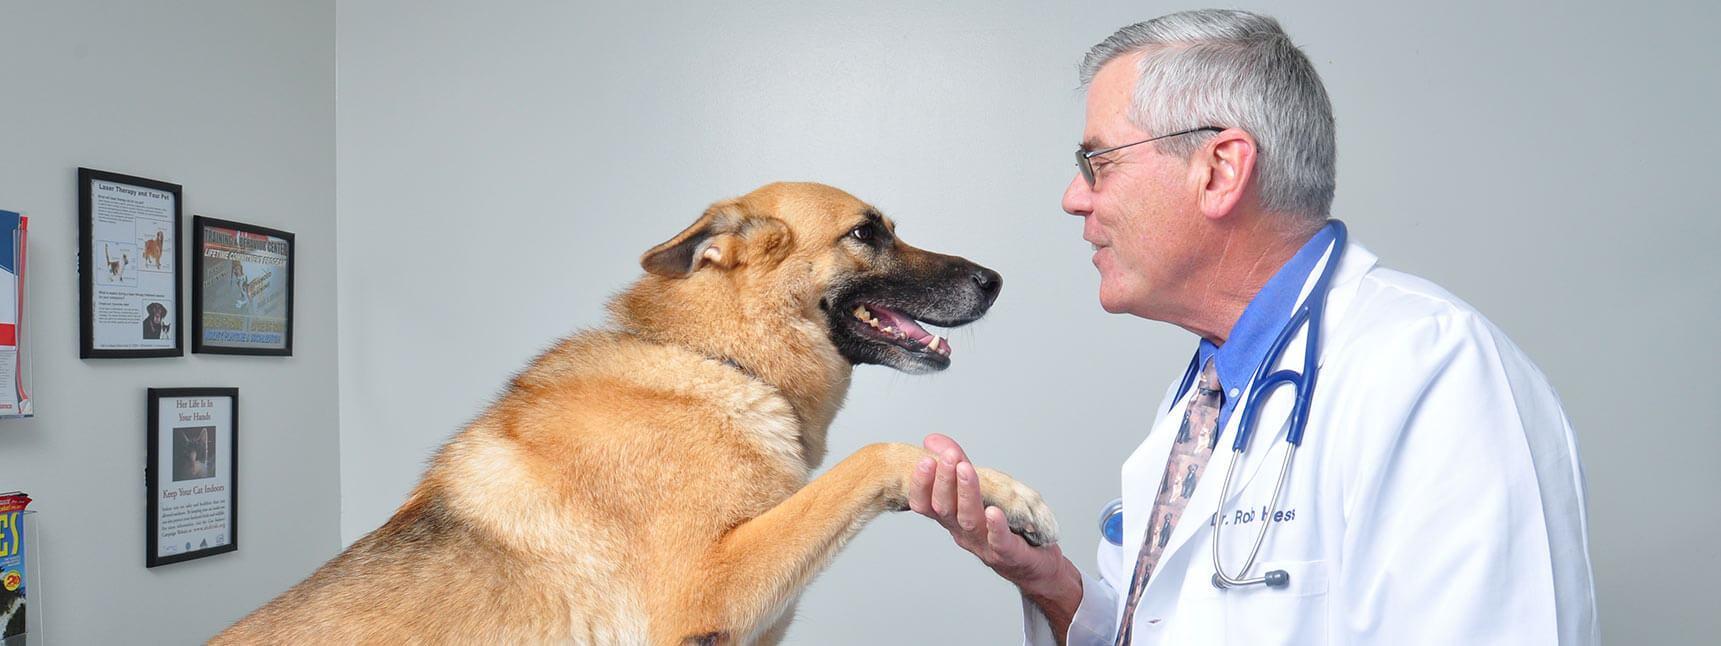 Dog Veterianrian in Winter Park Veterinary Hospital